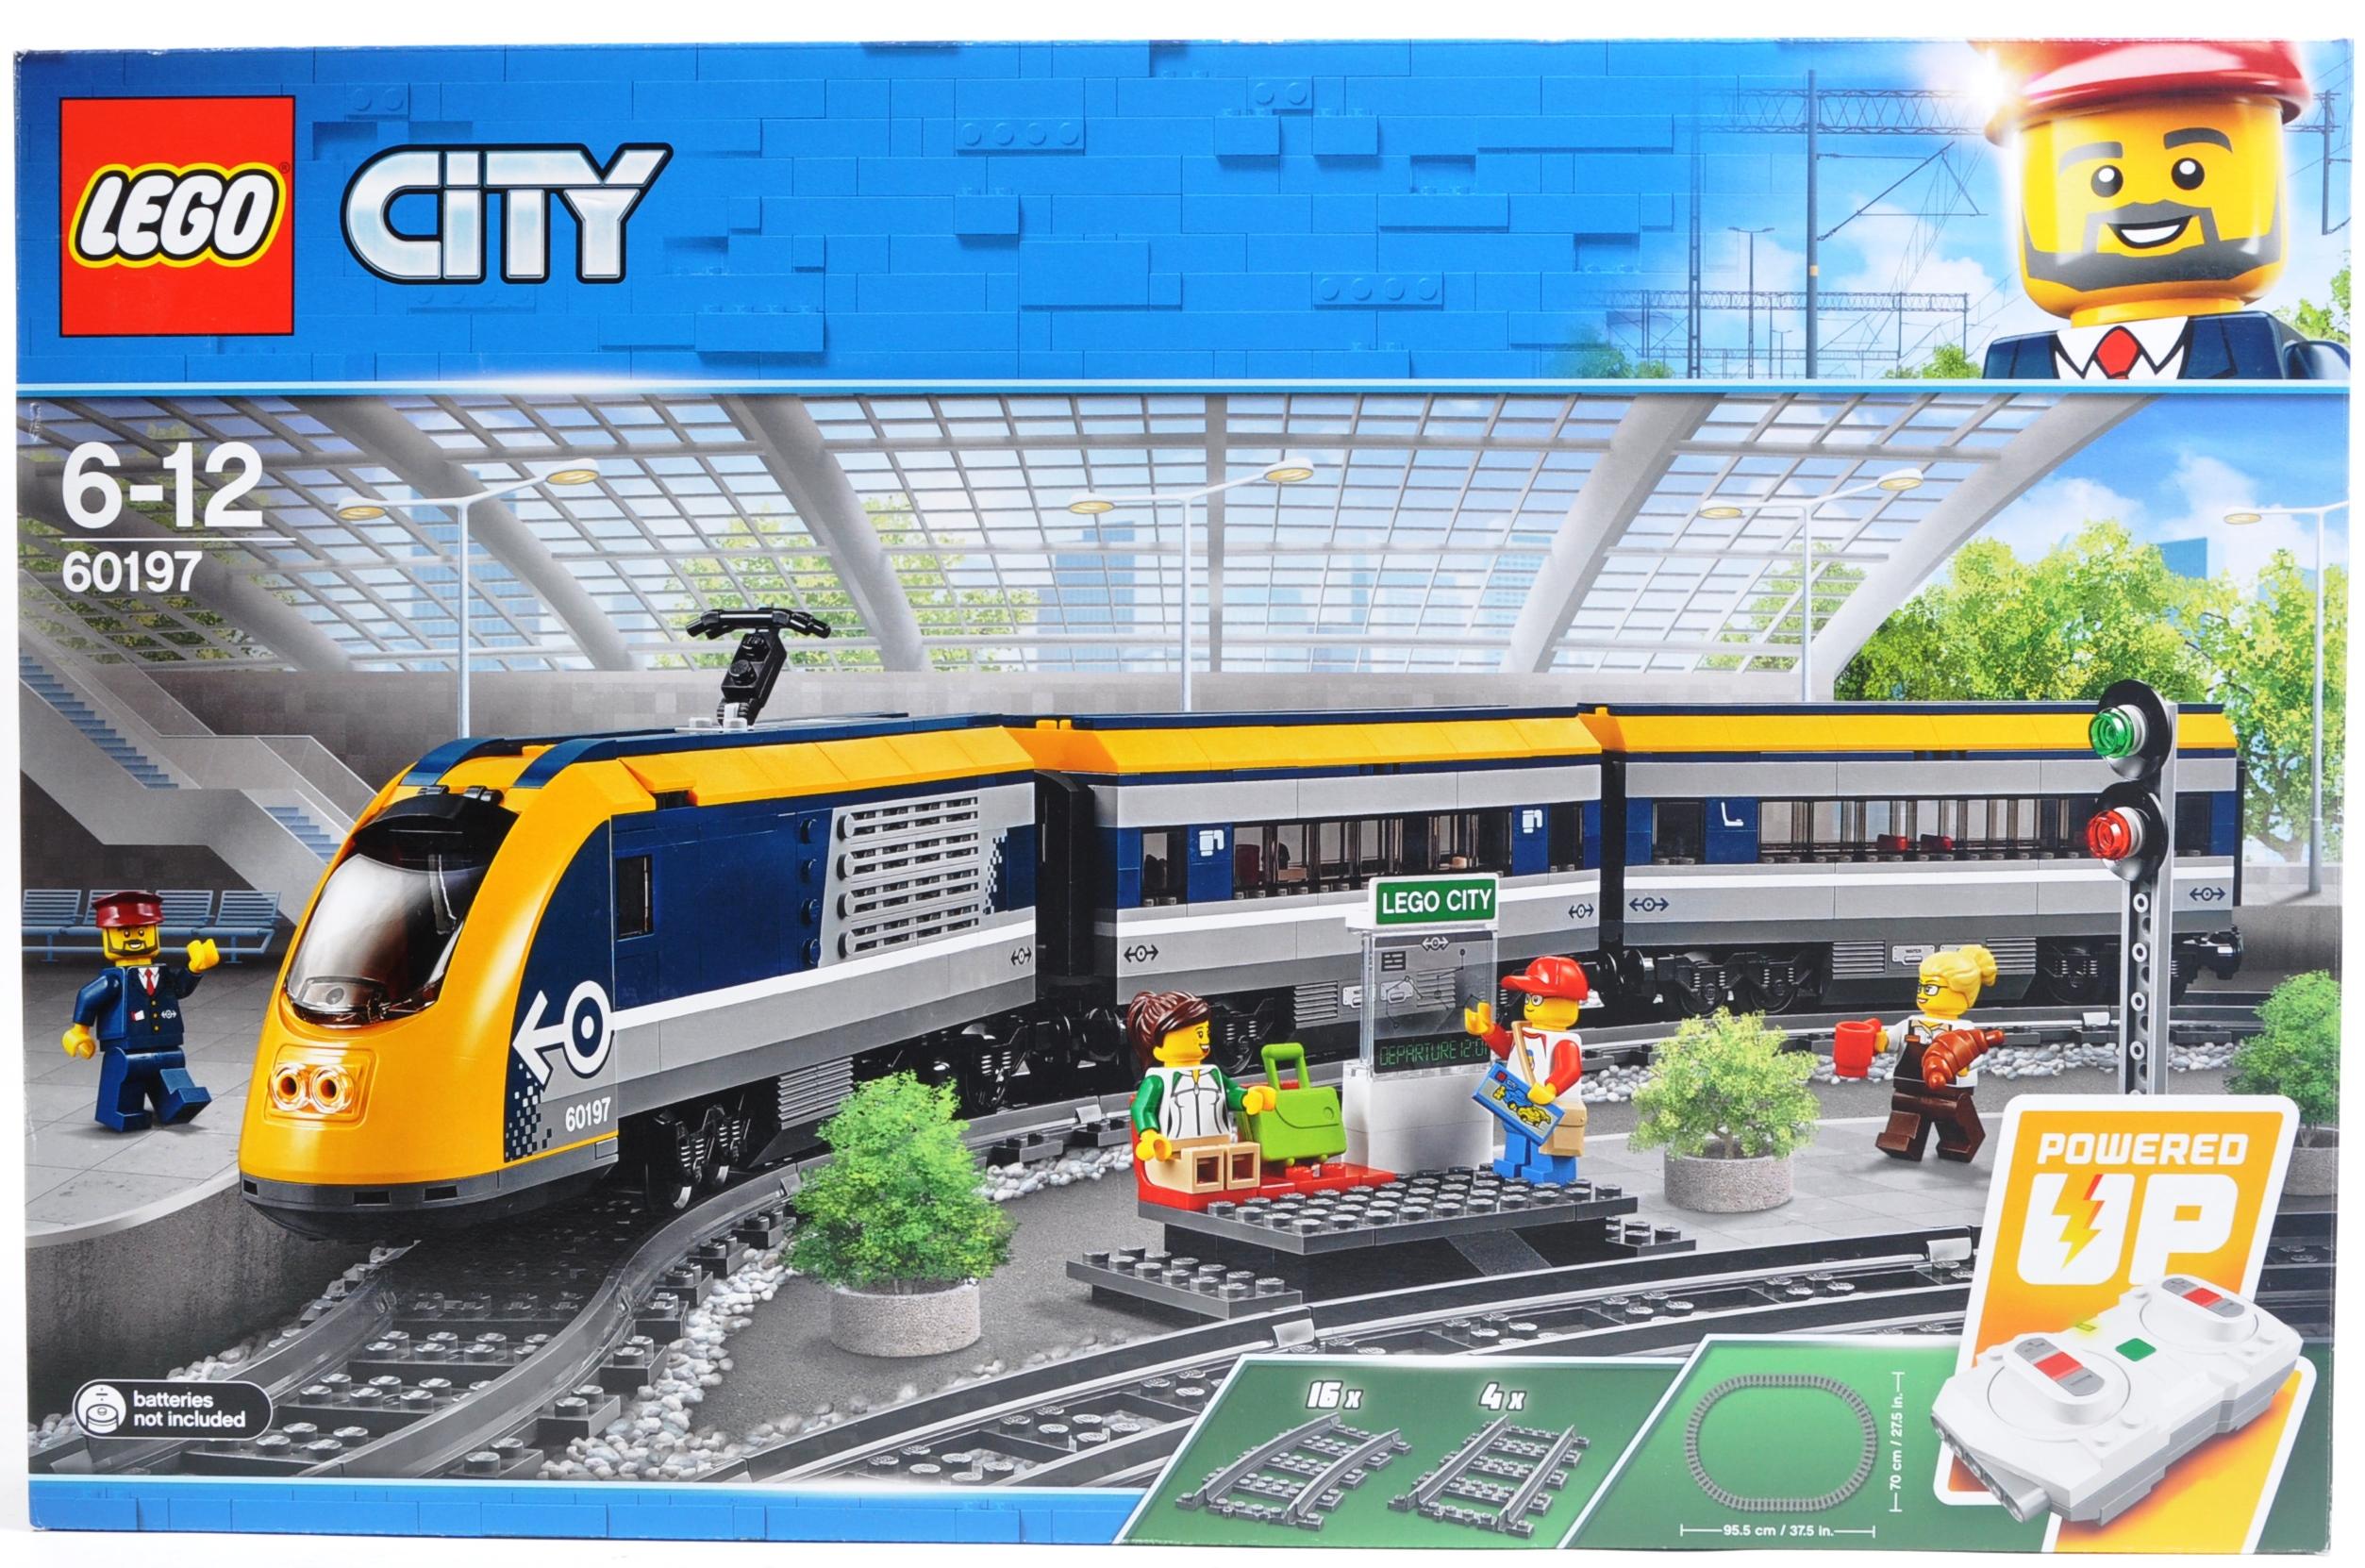 LEGO SET - LEGO CITY - 60197 - PASSENGER TRAIN